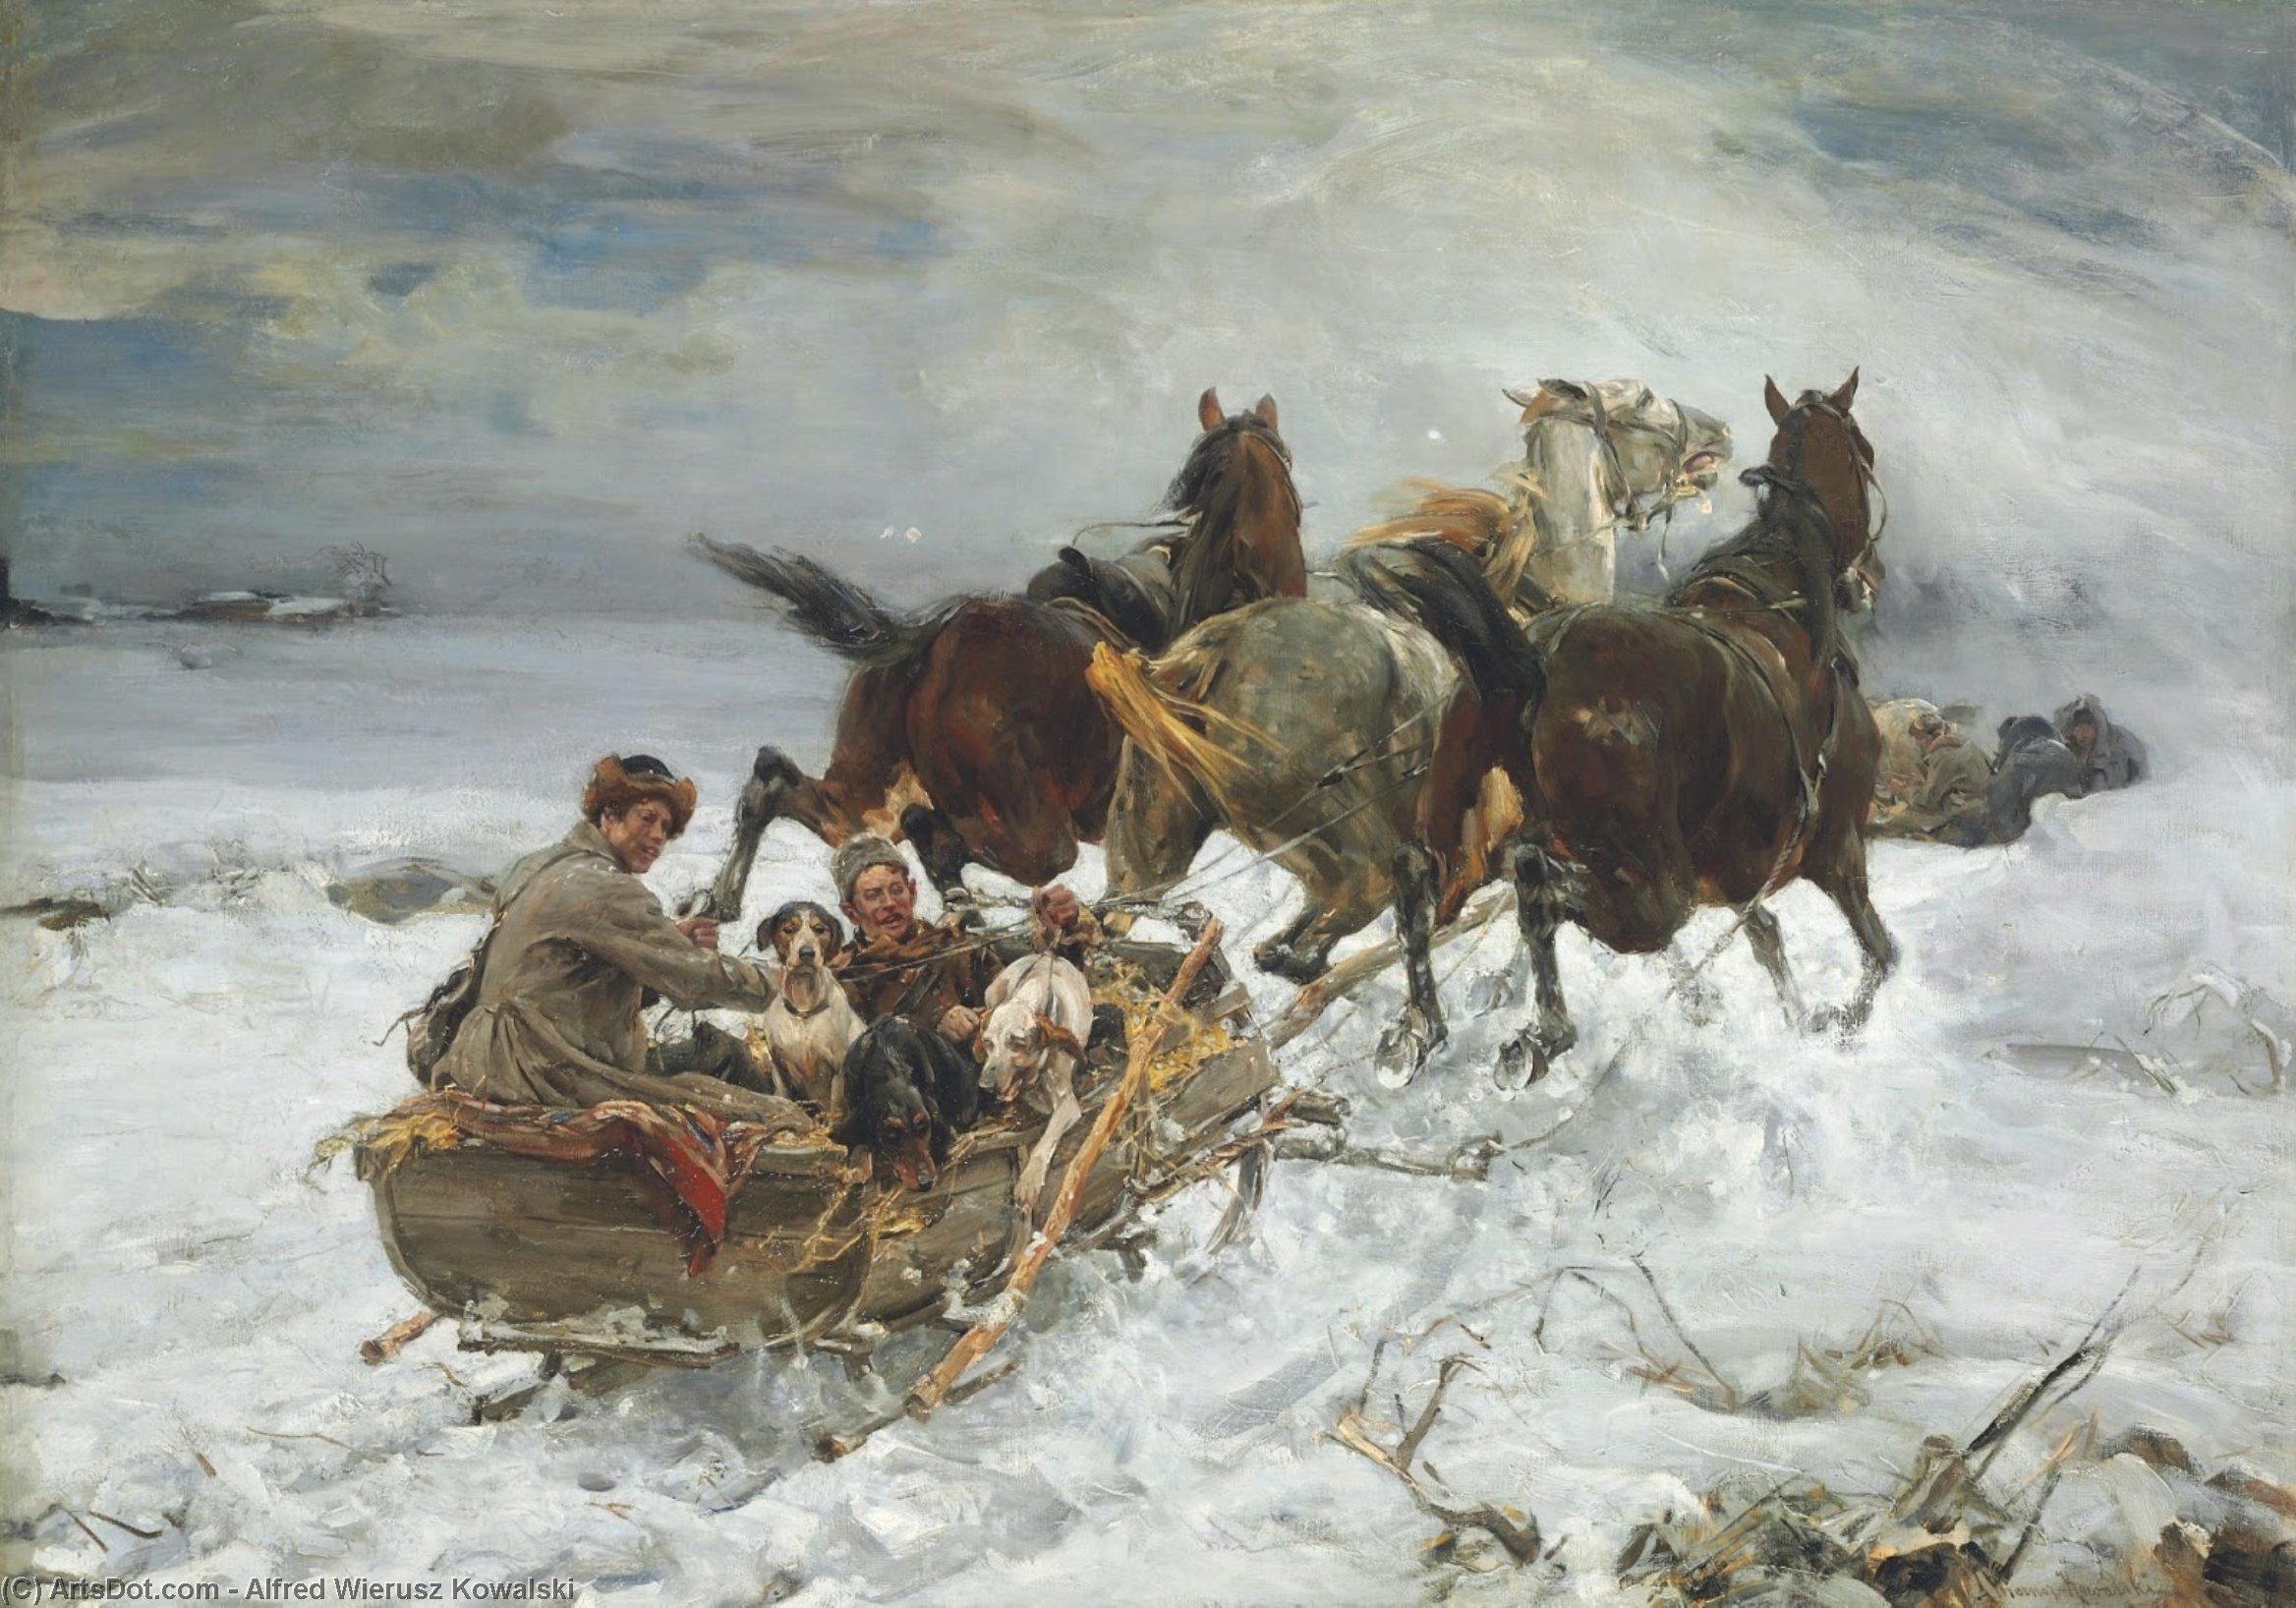 Horse Drawn Endrino De Alfred Wierusz Kowalski 1849 1915